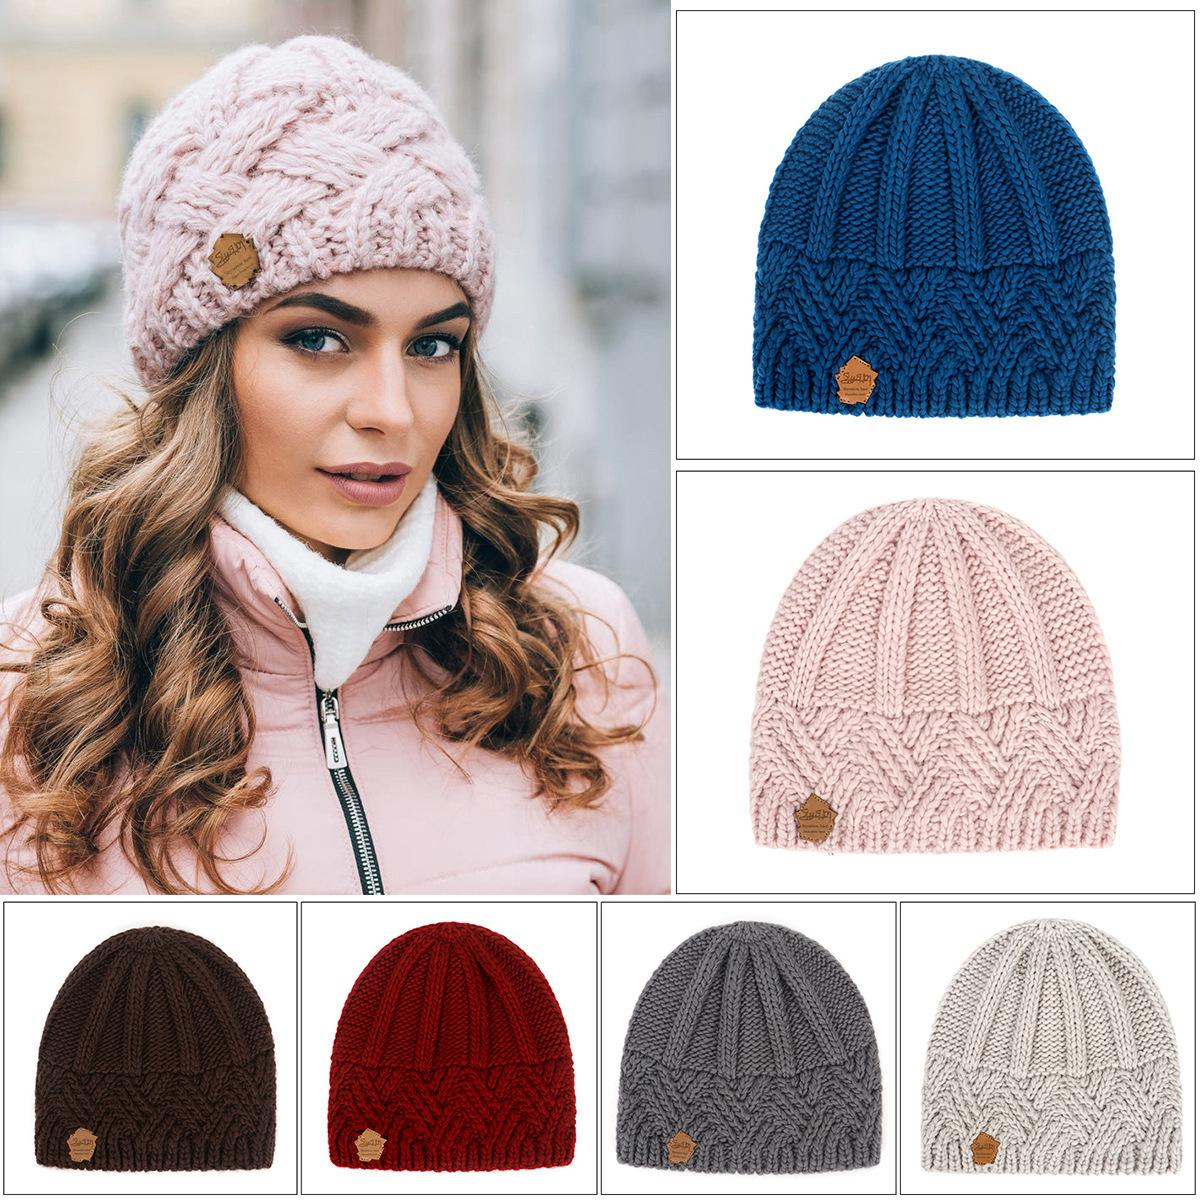 أزياء الرجعية نمط الماس شعرية إبرة سميكة صوف محبوك الرجال والنساء قبعة أزياء الخريف والشتاء قبعة من الصوف